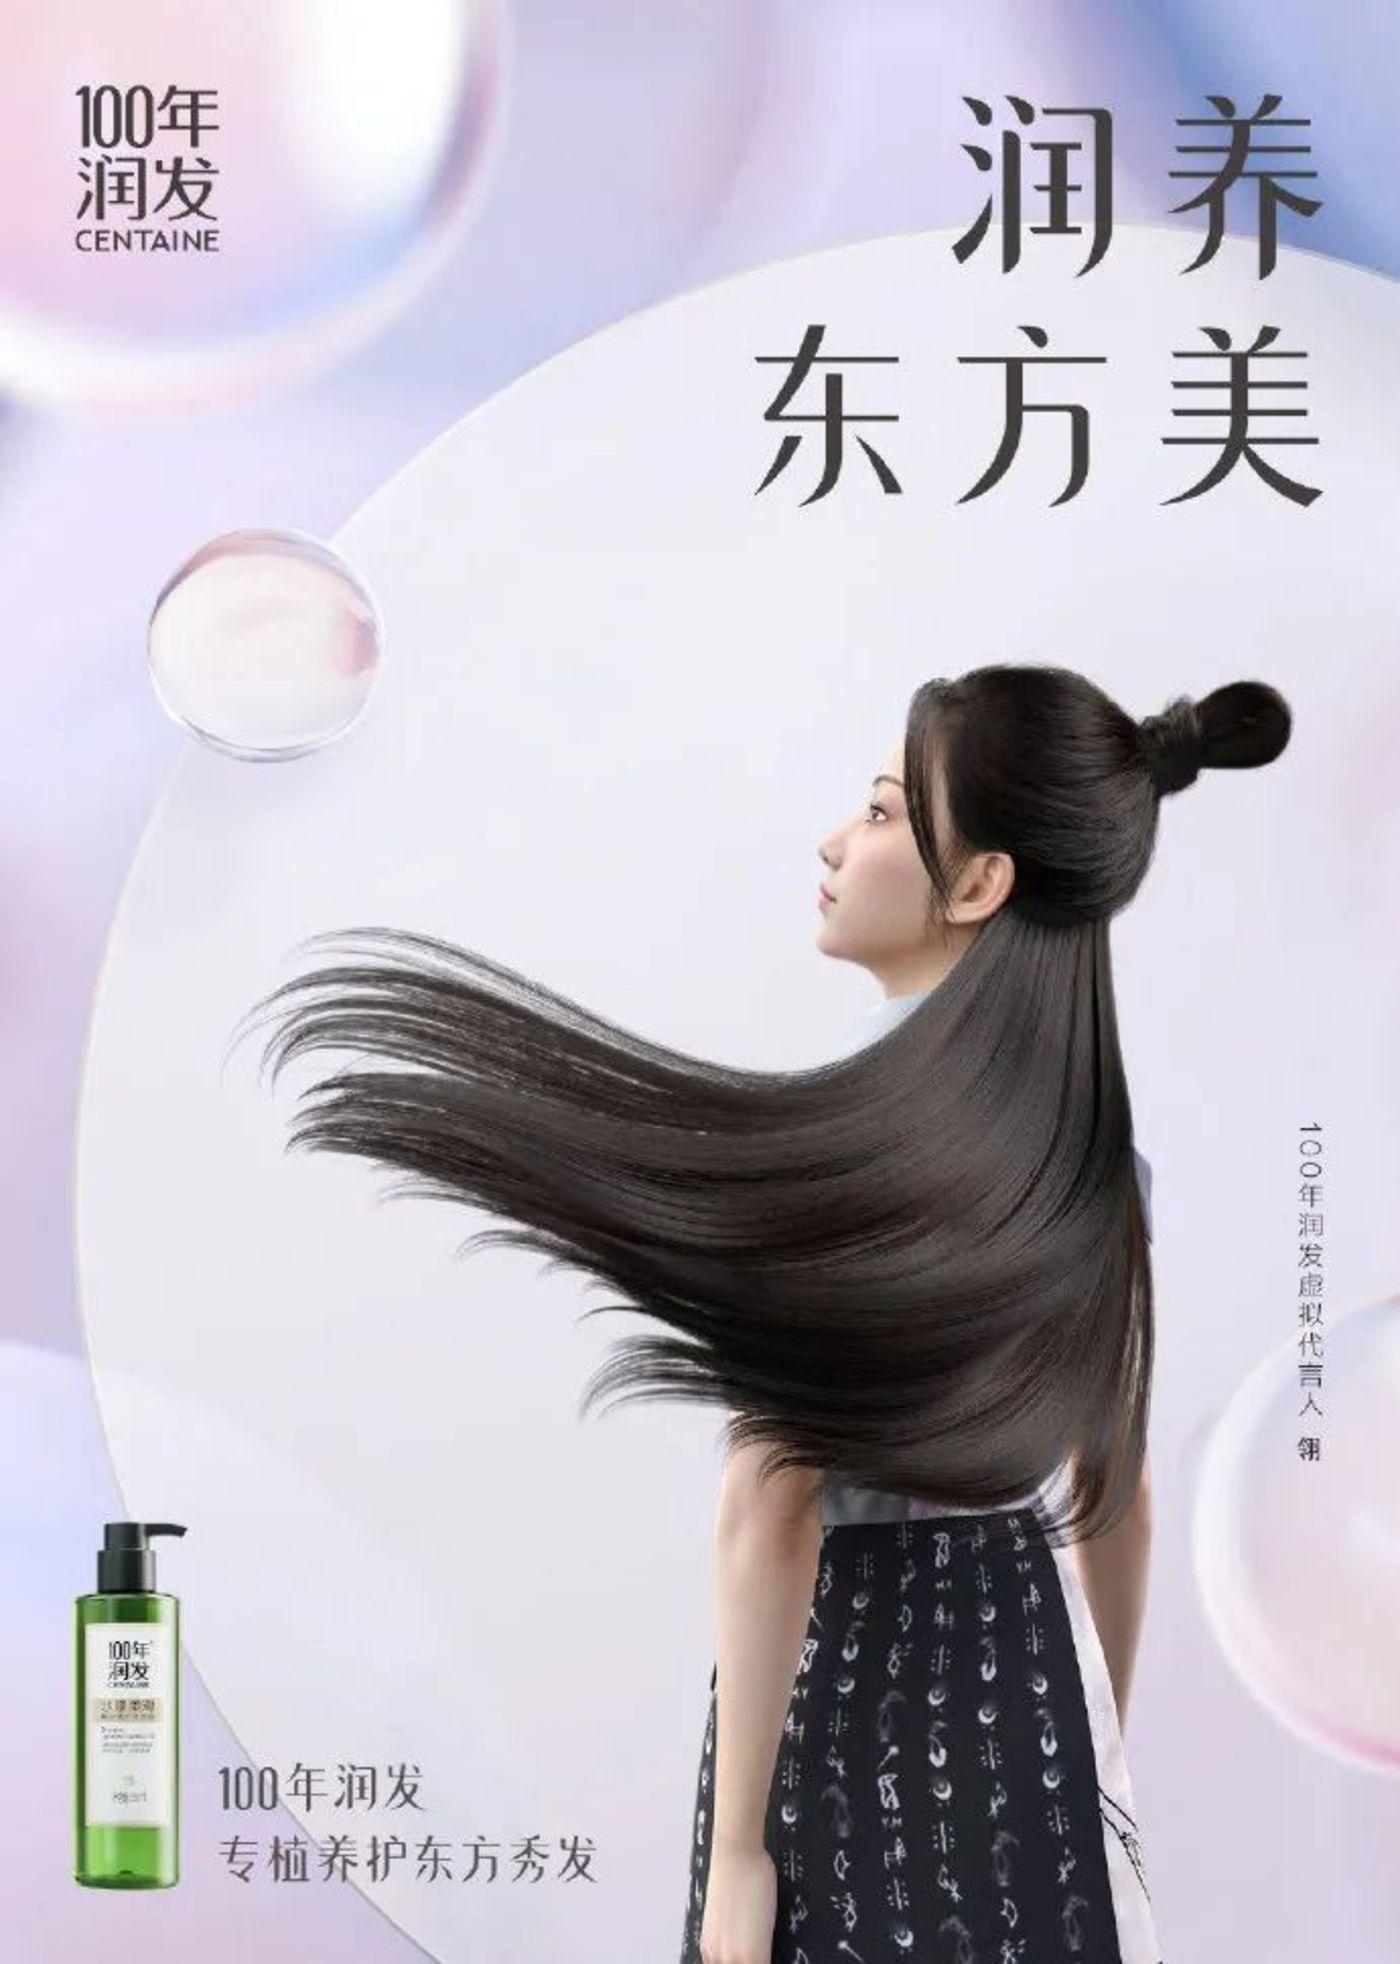 图片来源:百年润发官方微博